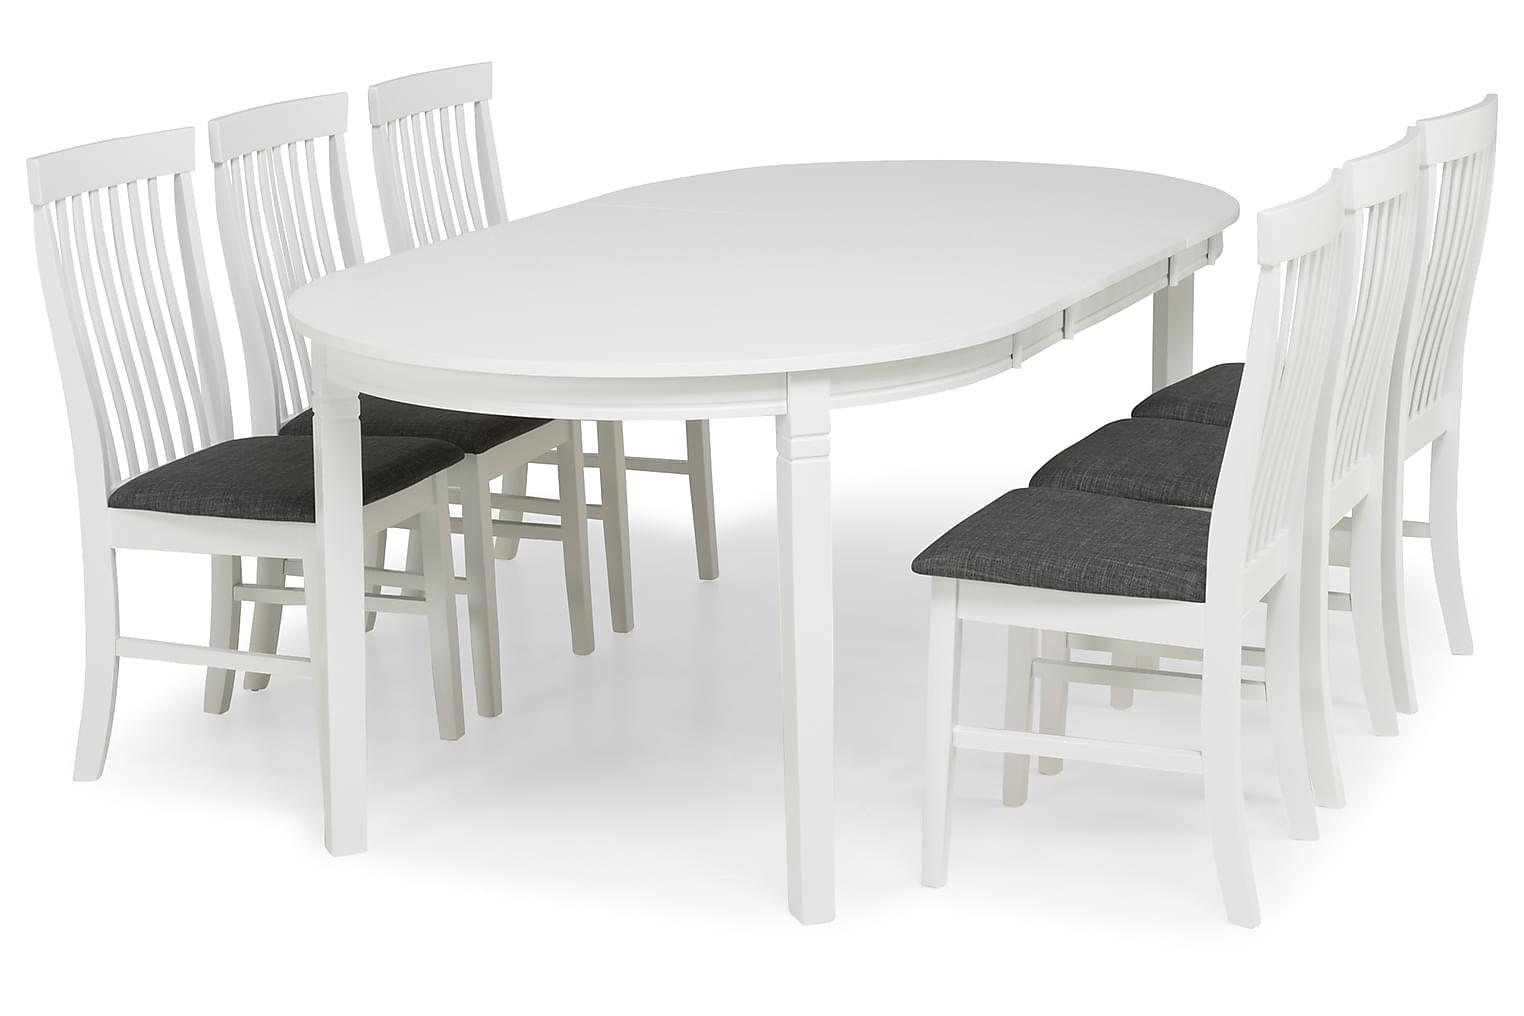 LEVIDE Pöytä 150 + 6 MAURICE Tuolia Valkoinen/Harmaa